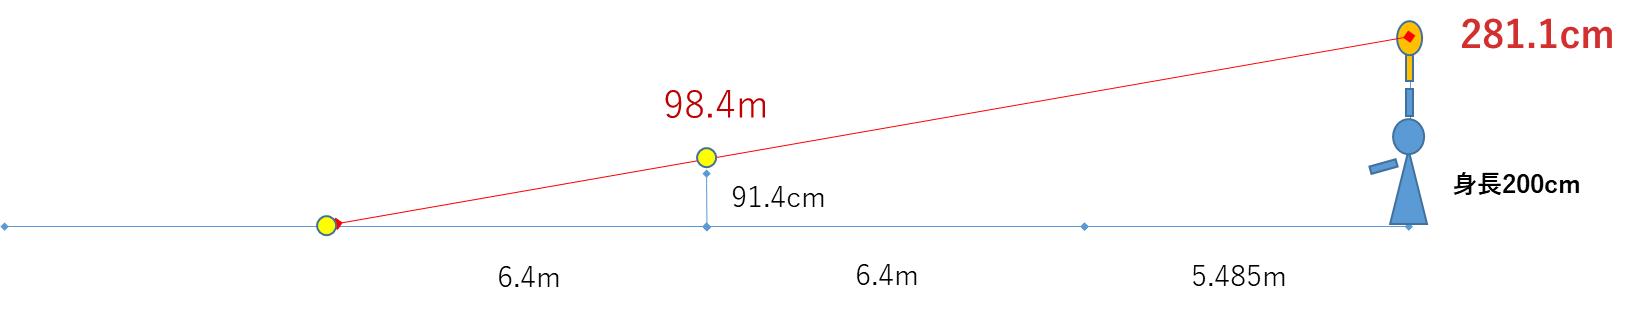 身長2mでもフラットサーブは入らない